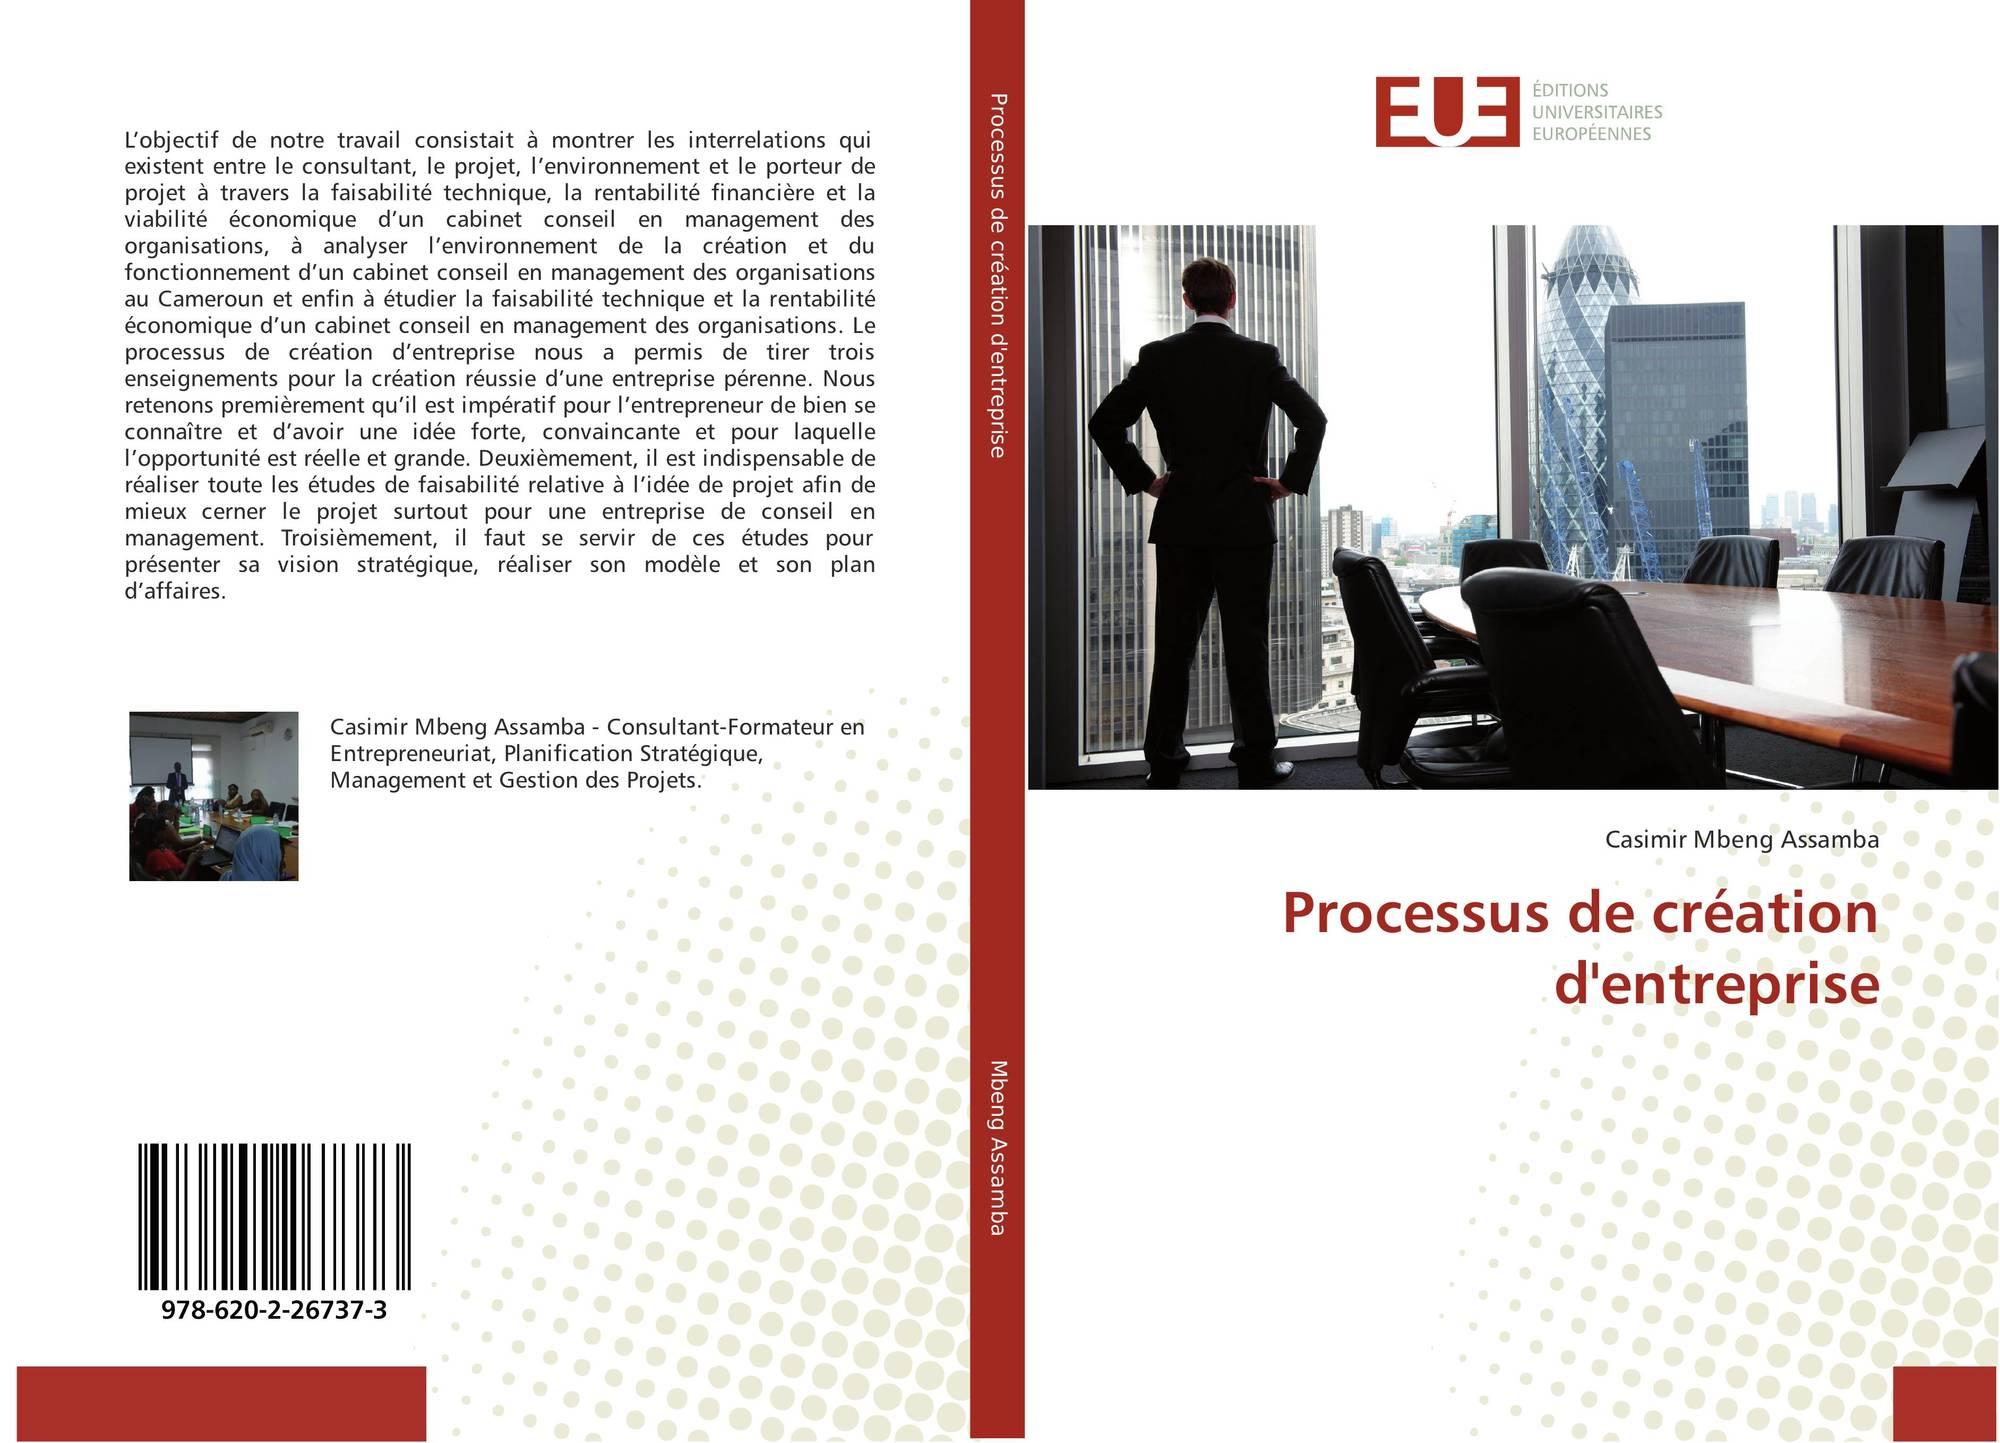 Processus De Creation D Entreprise 978 620 2 26737 3 6202267372